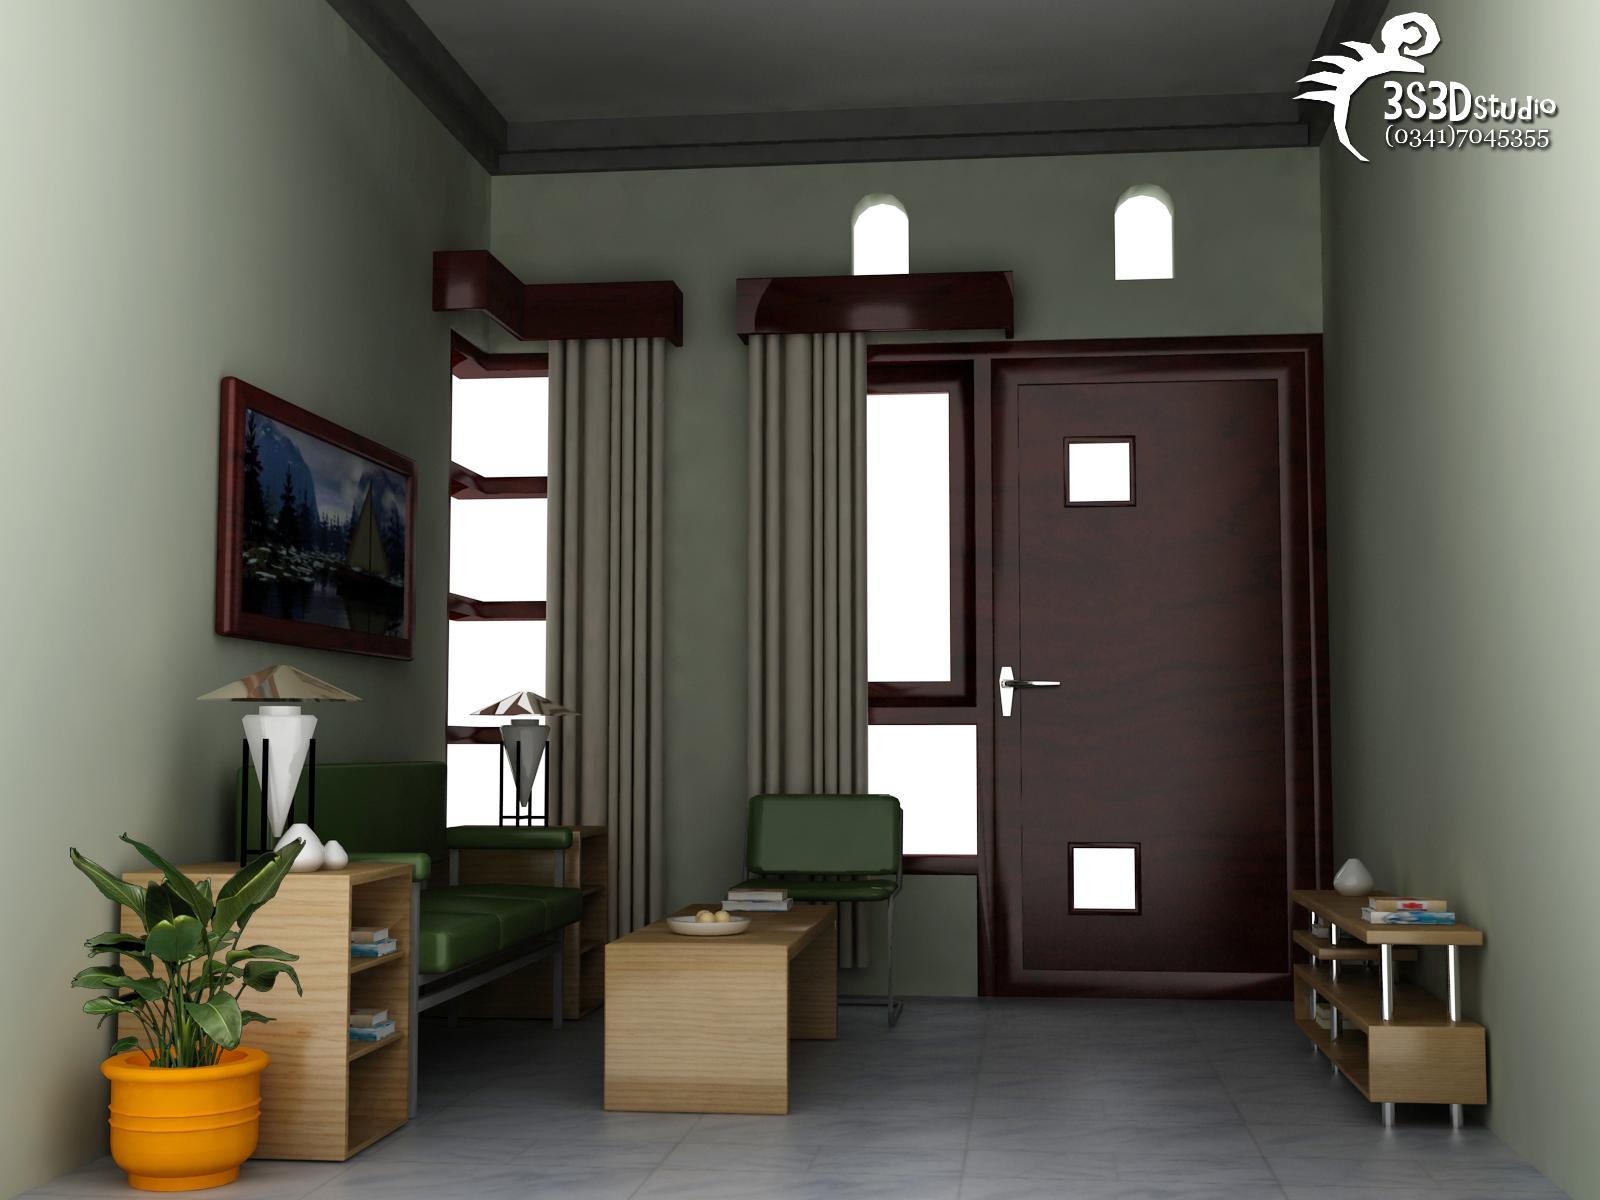 Design Interior Rumah Interior Ruang Tamu 5